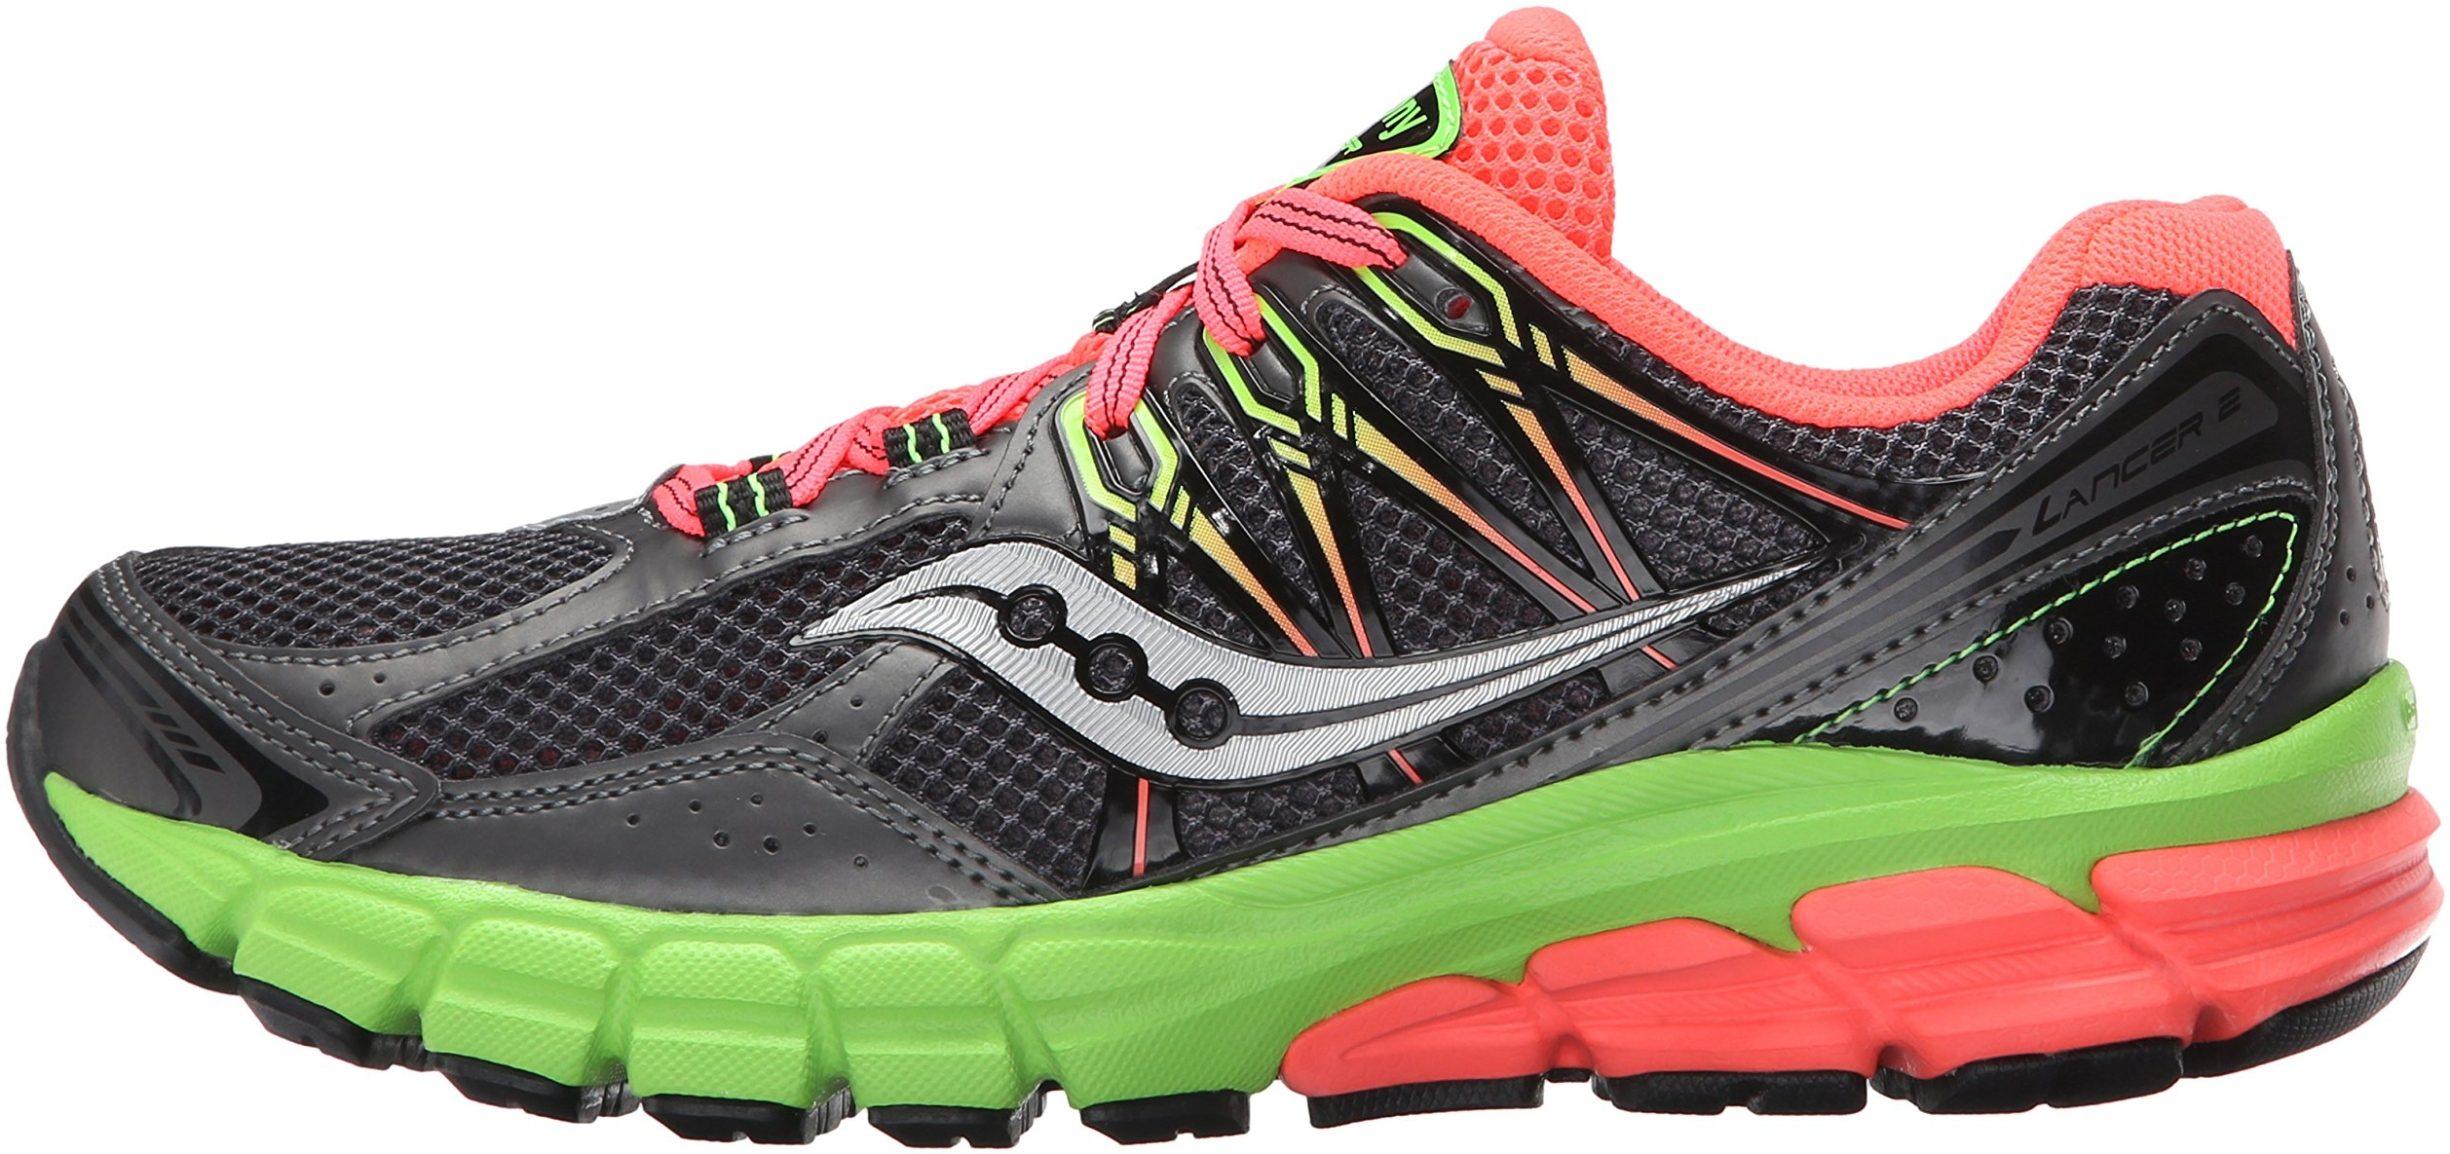 lancer running shoes price